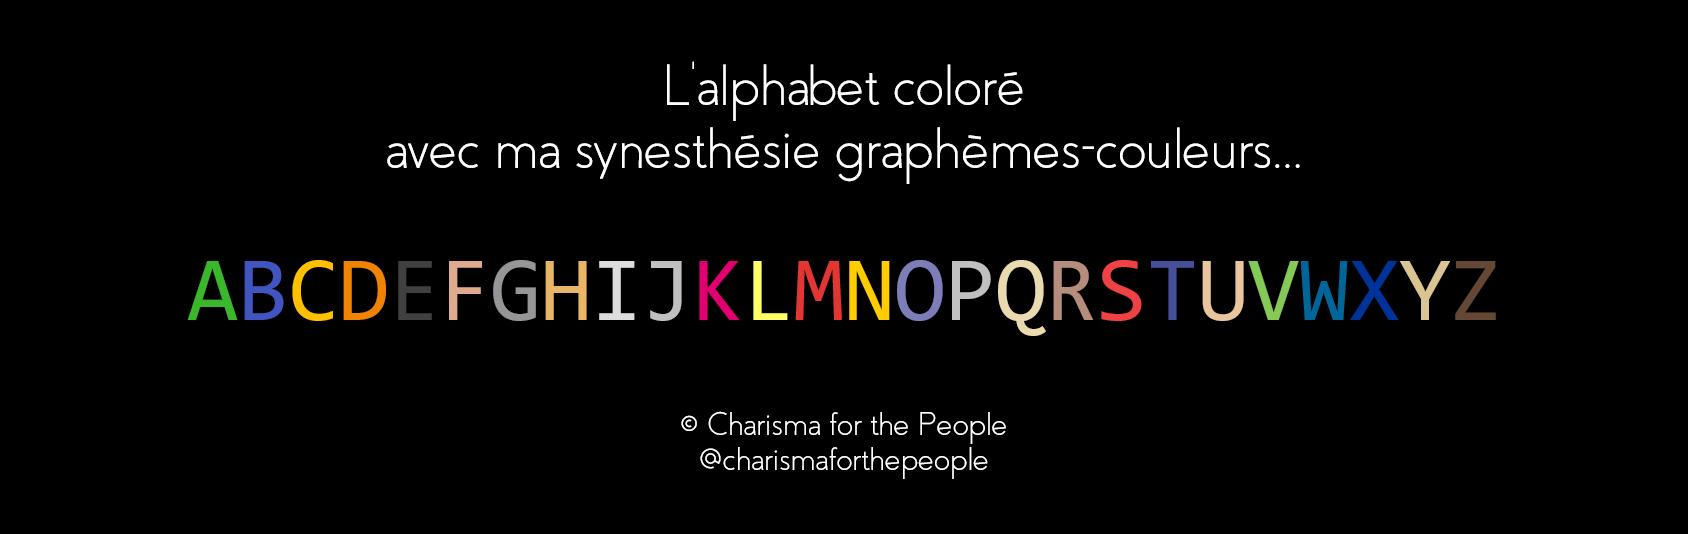 Alphabet coloré - synesthésie graphèmes couleurs